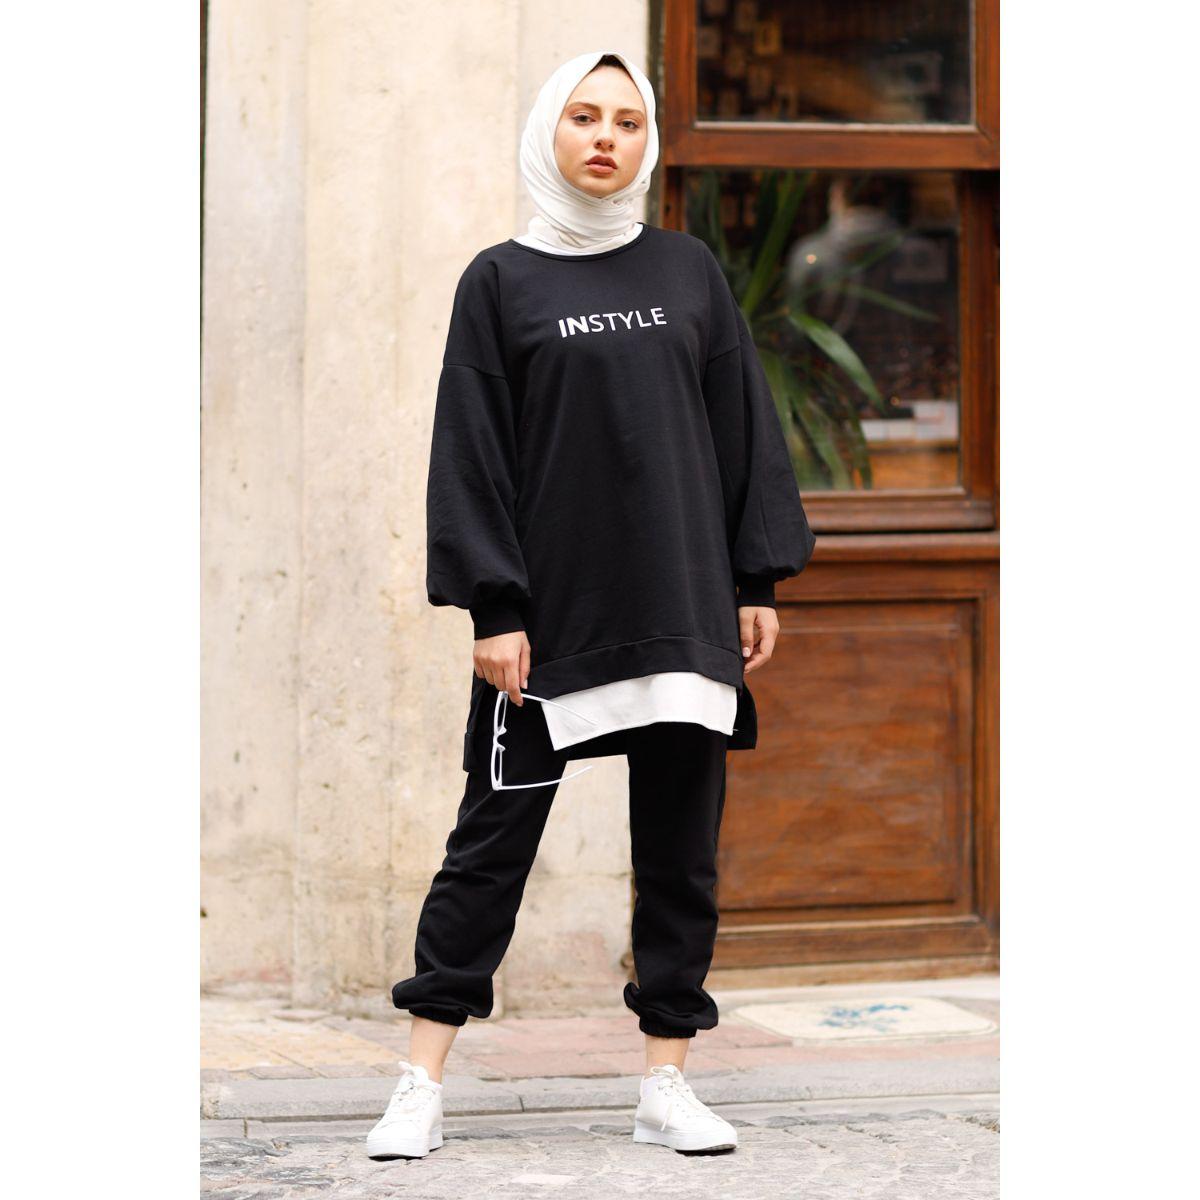 ريتشكيدا مخزن جديد 2021 مقنعين 2 قطعة الرياضة النسائية مجموعة قميص وبانت مزدوجة دعوى حجم كبير ملابس مسلمة الموضة الإسلامية